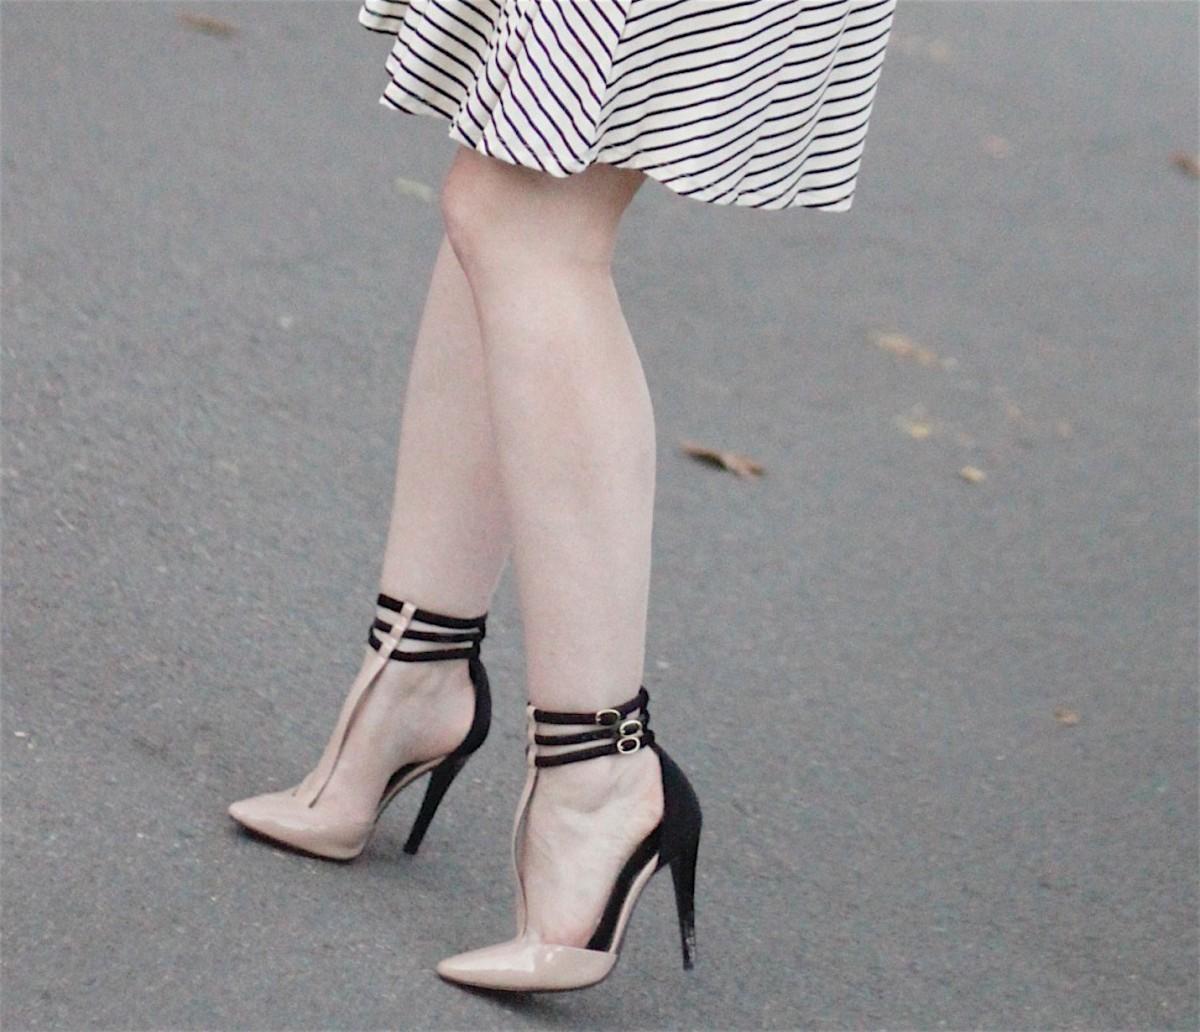 rachel-zoe-heels